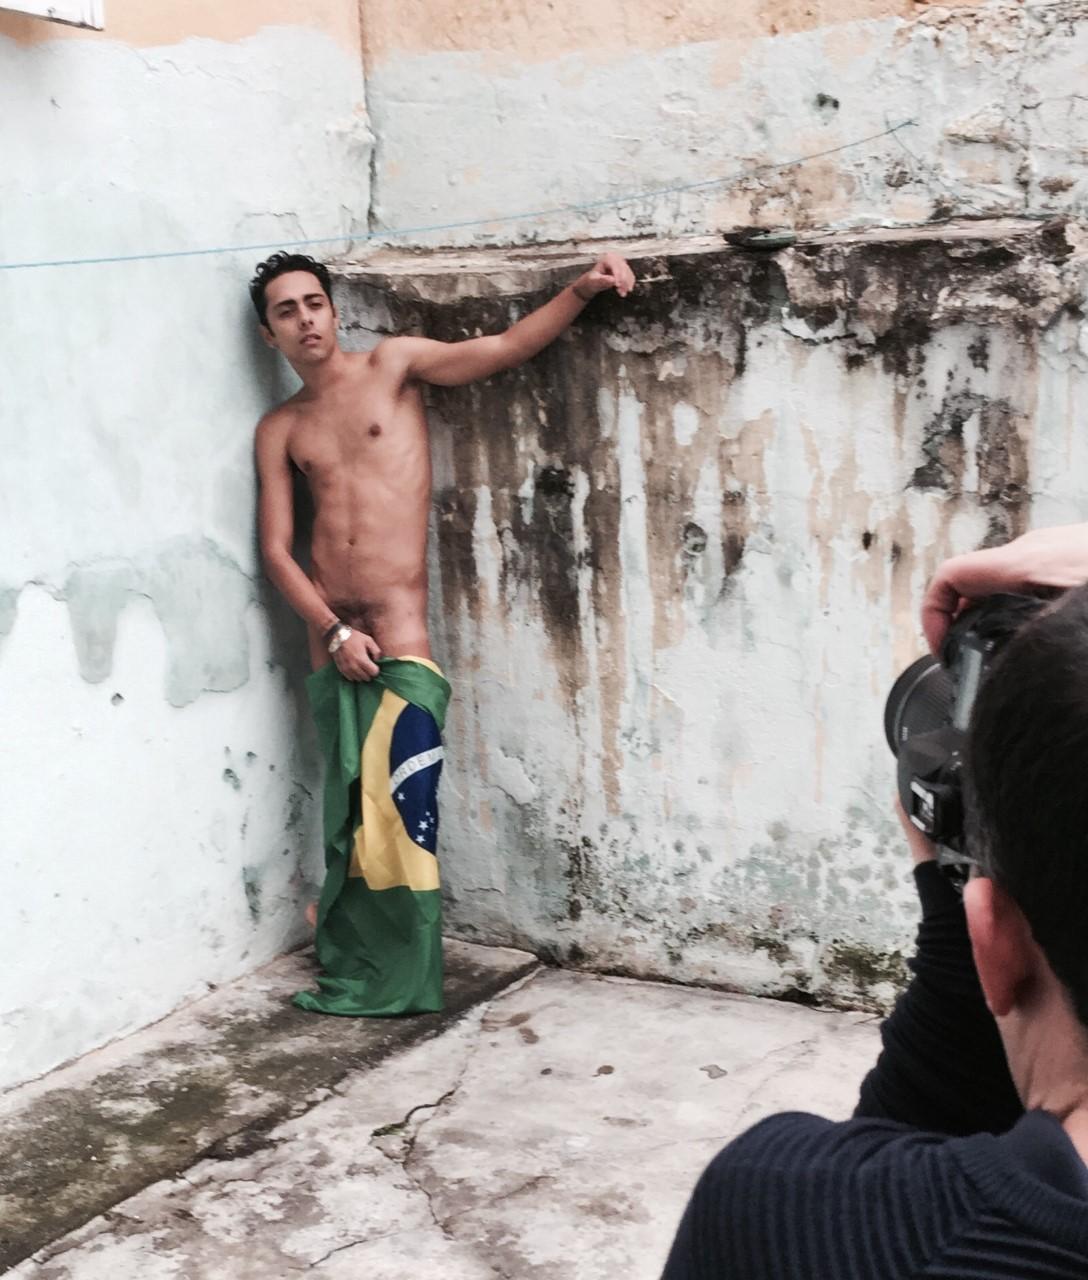 Repórter da Record posa nu em favela para revista gay  veja fotos ... a968ca224c554